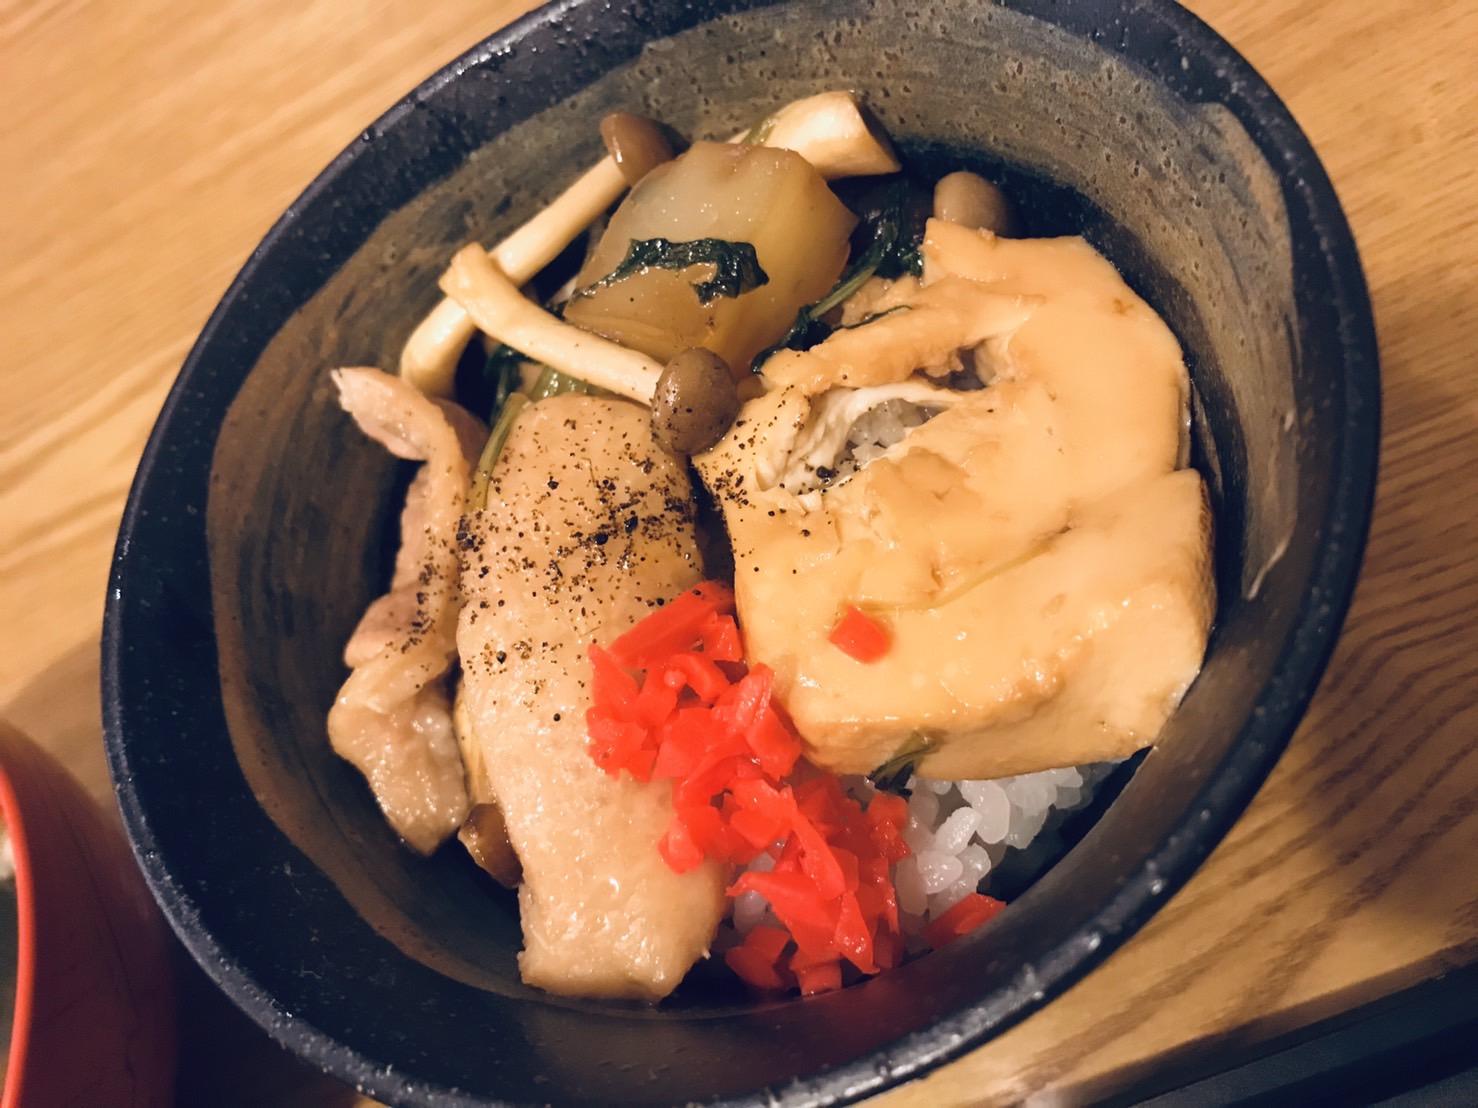 富士北麓は富士吉田市にある旬の食材を味わえるお店!俄ぱんさん@FUJIHOKUROKU